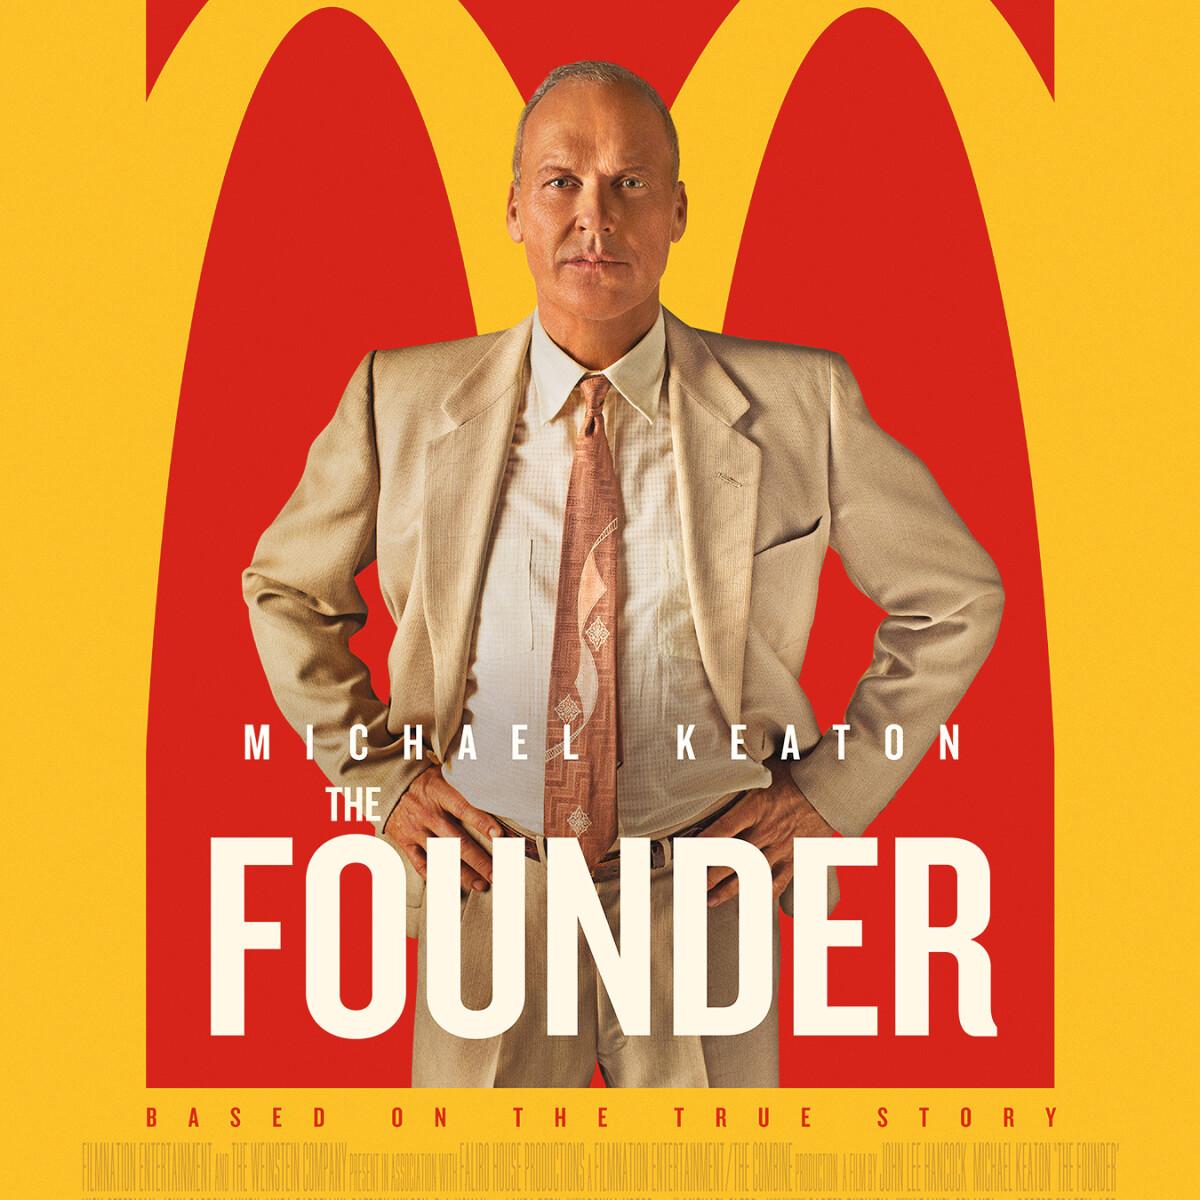 Ennyire mocskos szálakkal indult a McDonald's története – Megnéztük Az alapítót a Netflixen